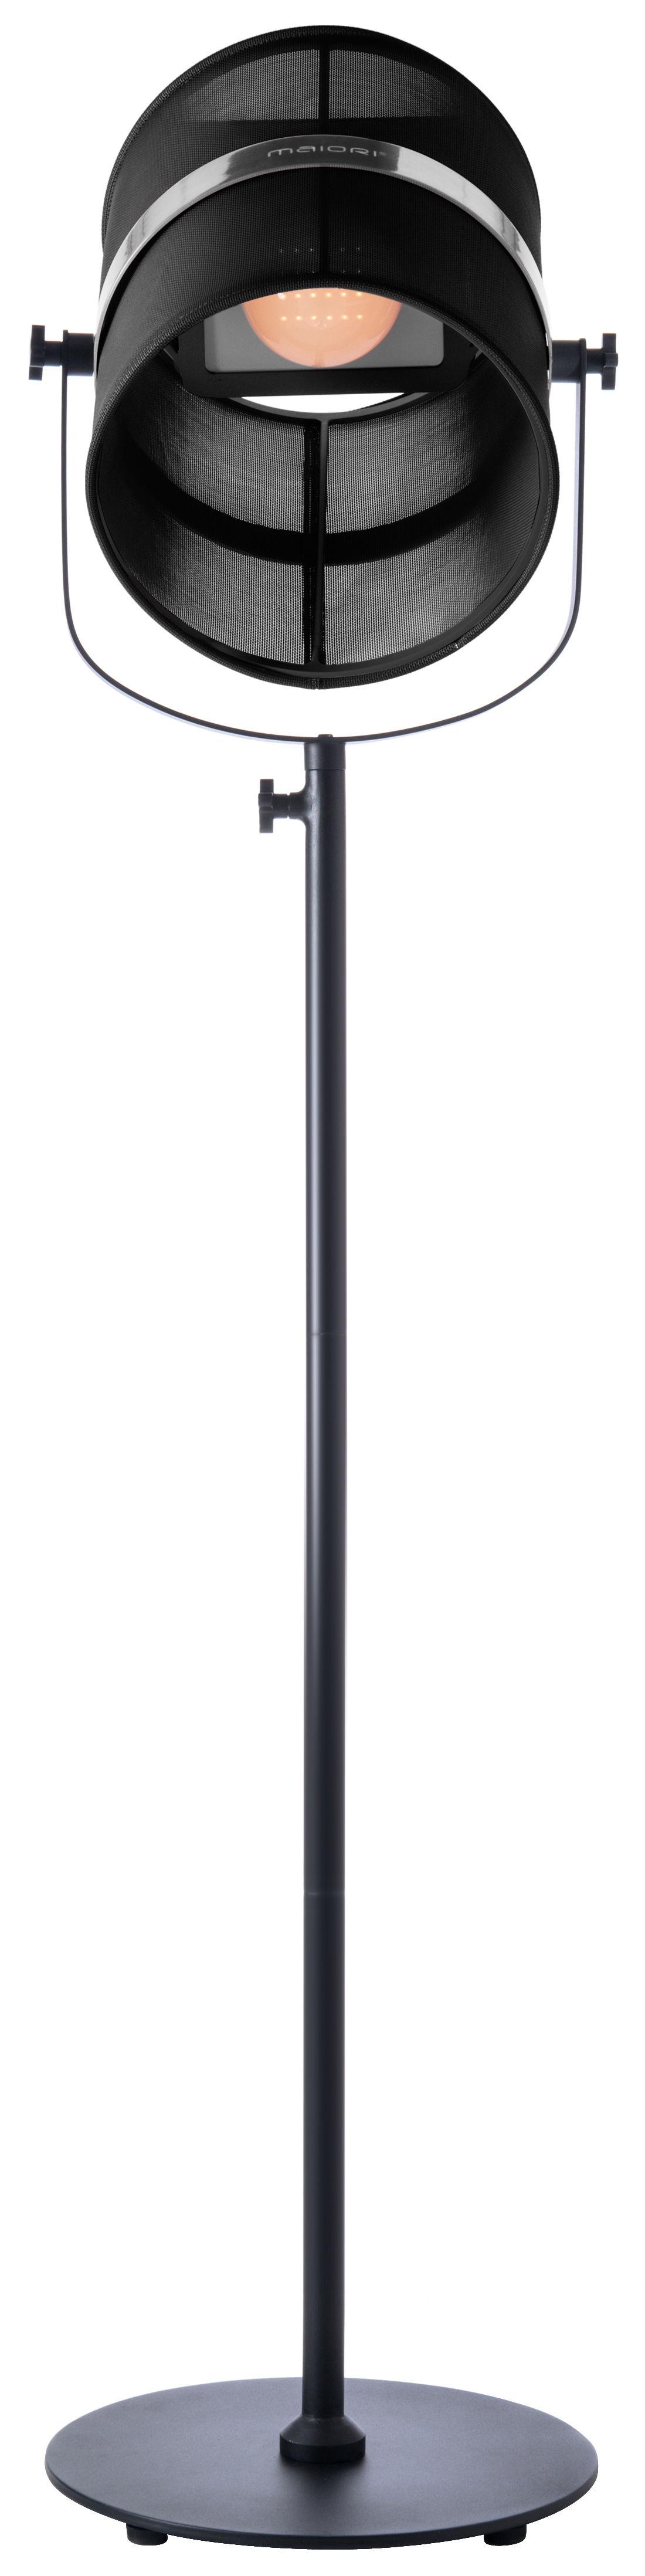 Illuminazione - Lampade da terra - Lampada da terra solare La Lampe Paris LED - / Solare - Senza fili di Maiori - Nero / Piede nero - alluminio verniciato, Tessuto